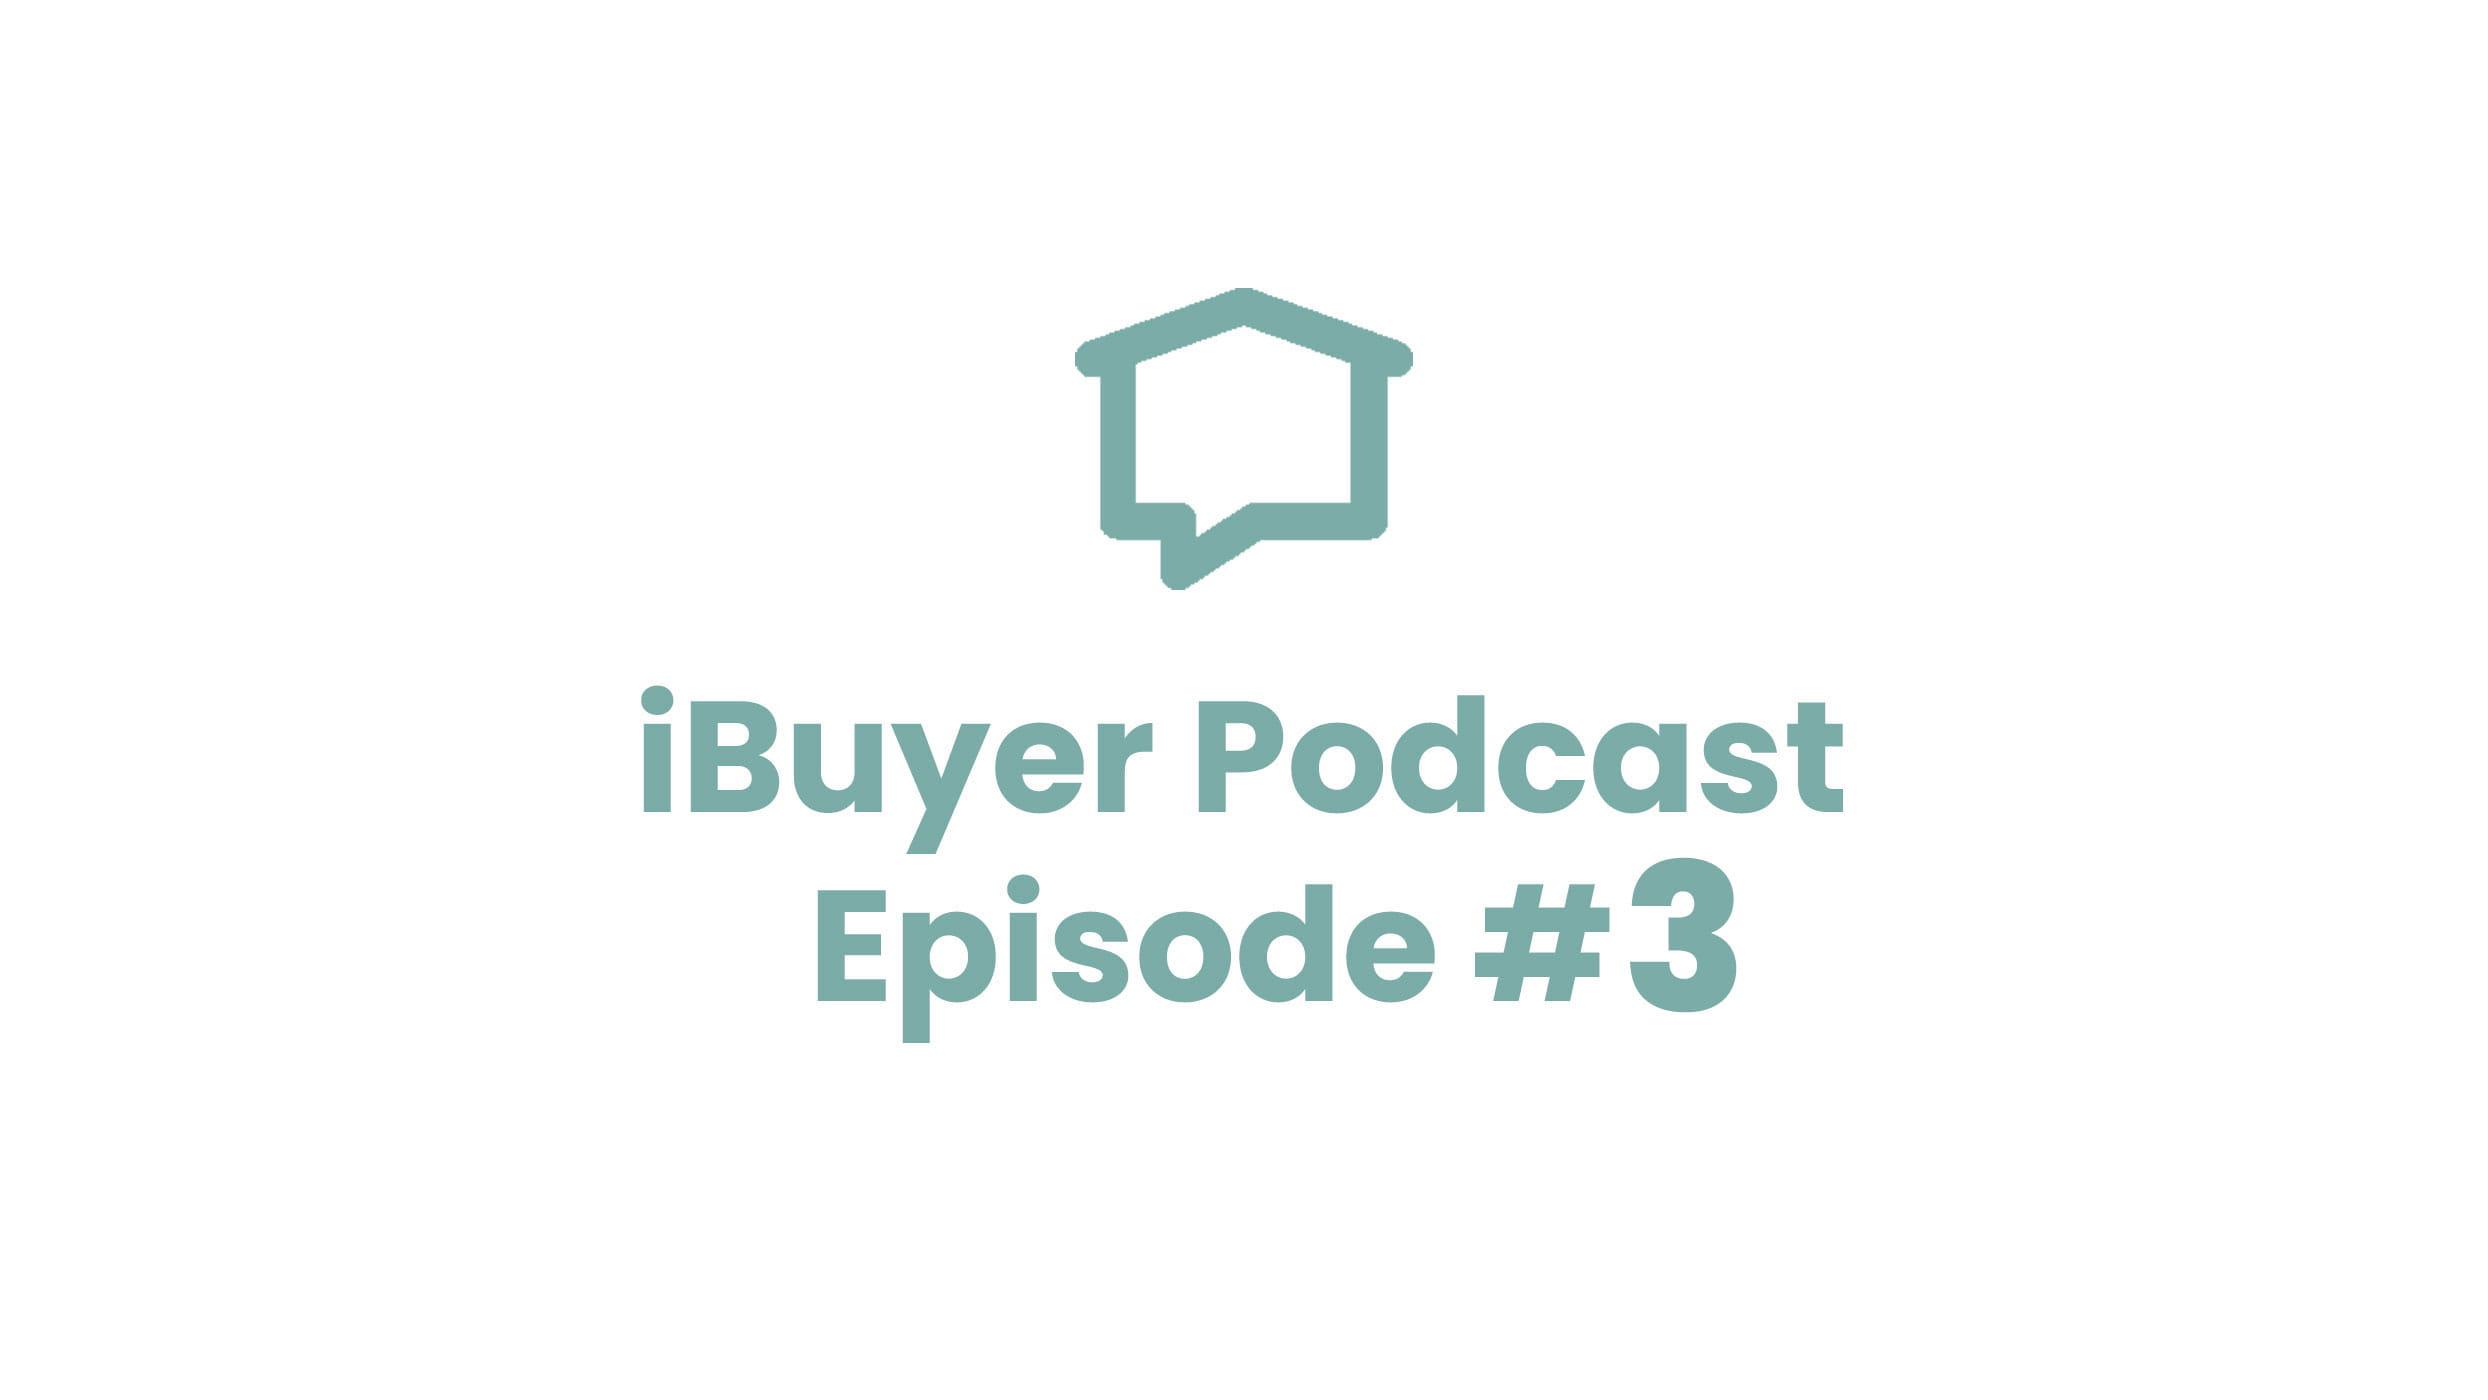 iBuyer Podcast Episode 3